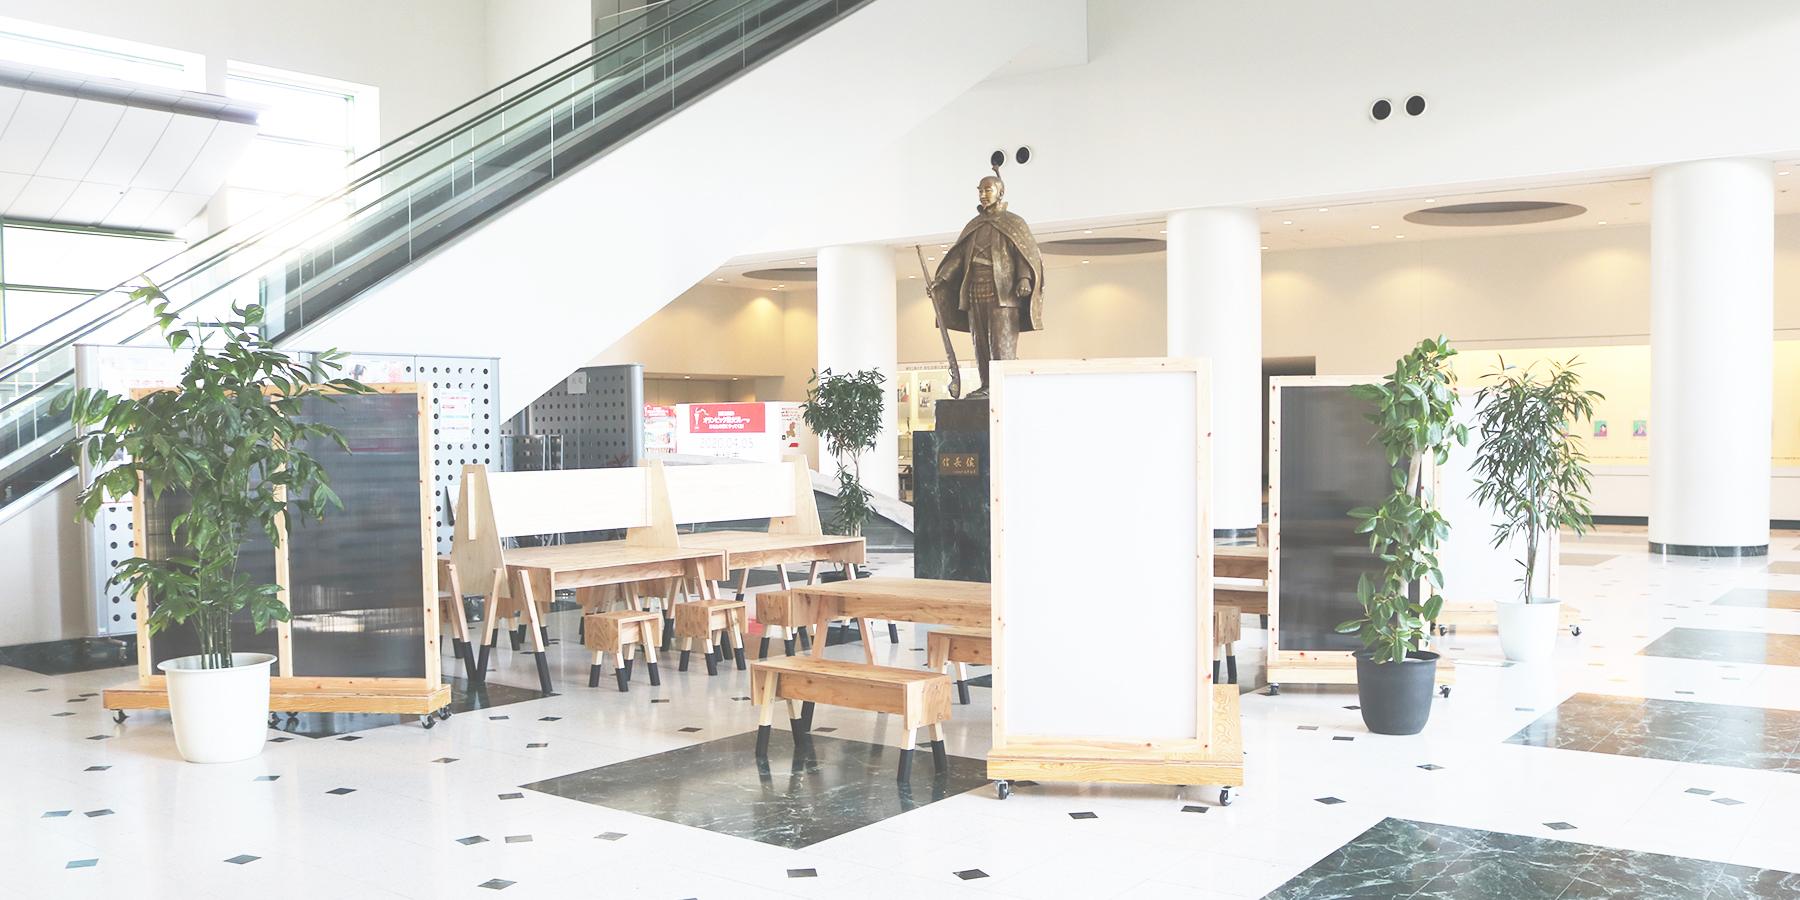 ソフトピアジャパンセンター